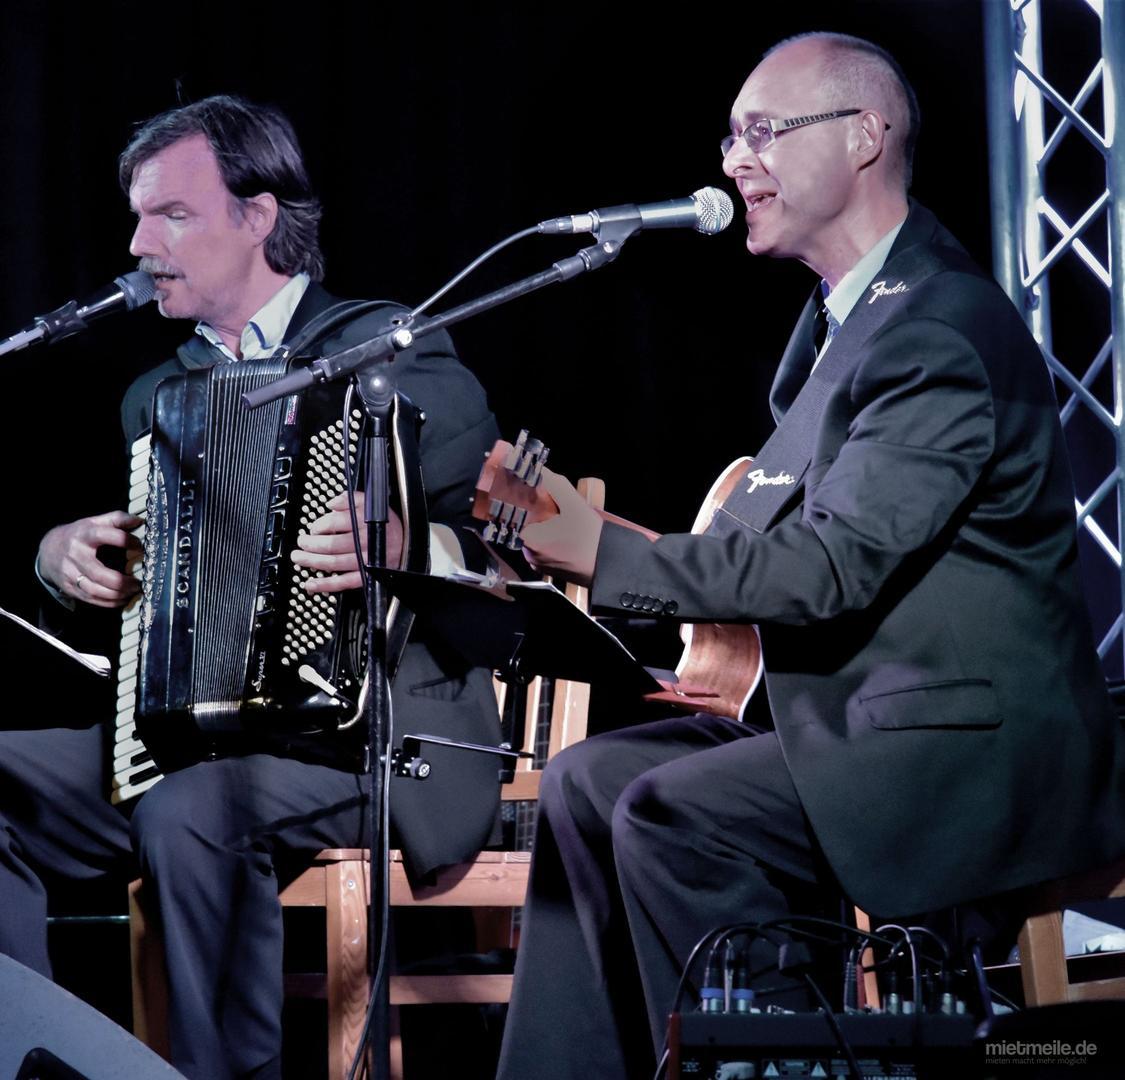 Bands mieten & vermieten - Französische Livemusik in Halle (Saale)